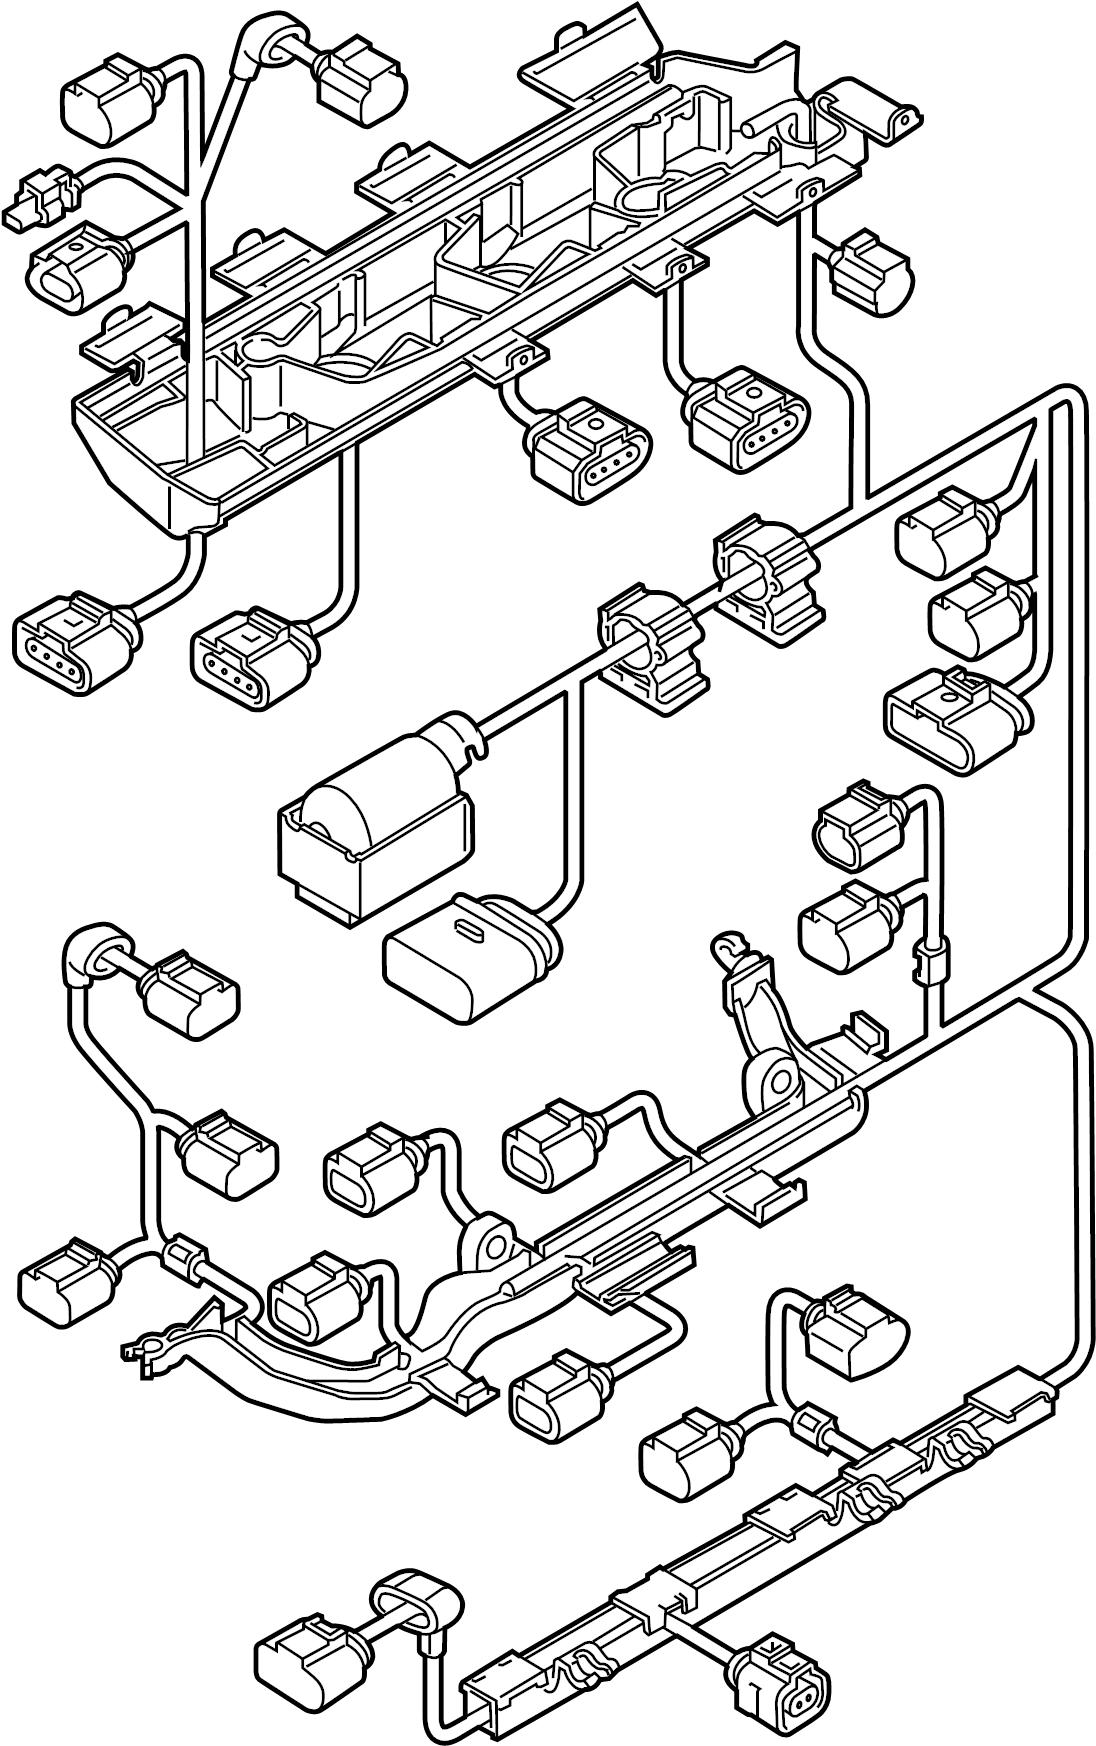 2013 volkswagen jetta hybrid engine harness  engine wiring harness  1 4 liter  1 4 liter